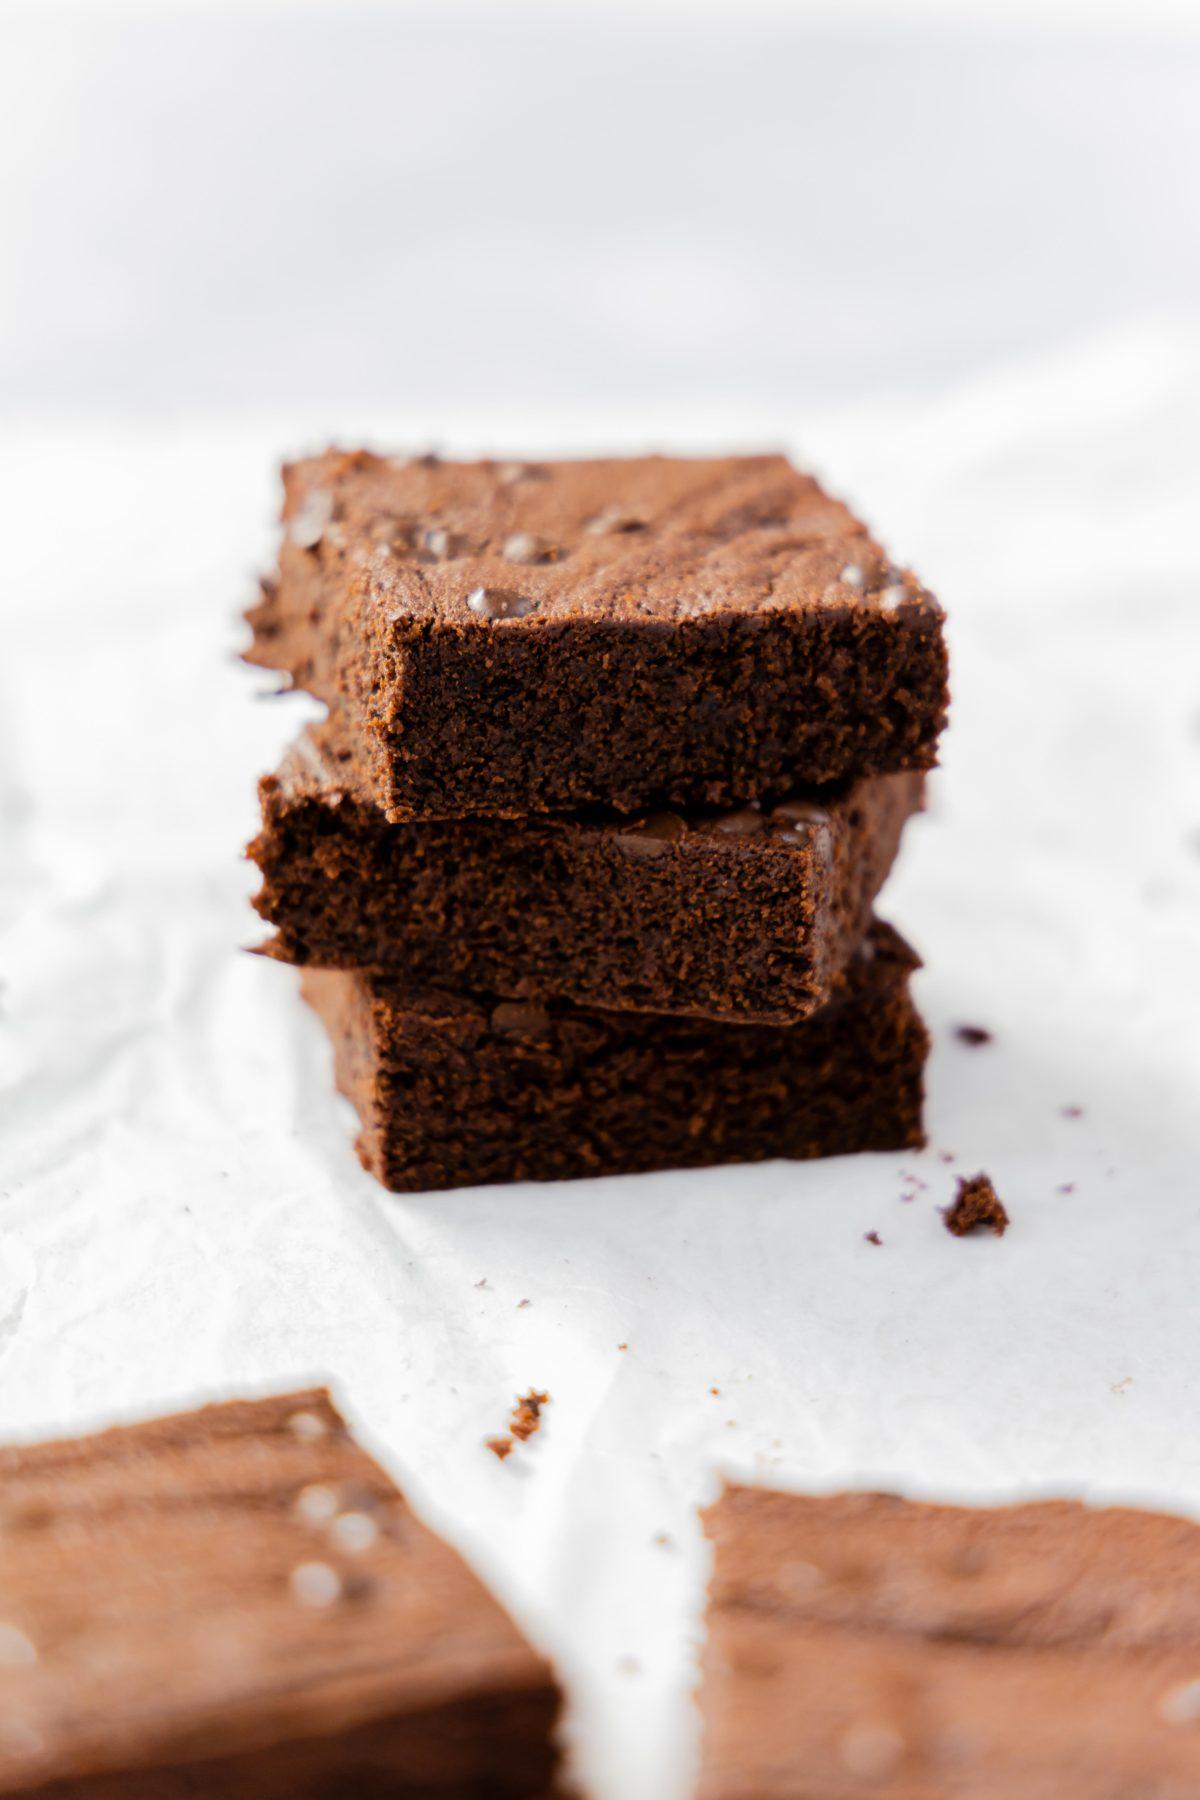 Kaffee Brownies// Coffee Brownies by https://babyrockmyday.com/kaffee-brownies/